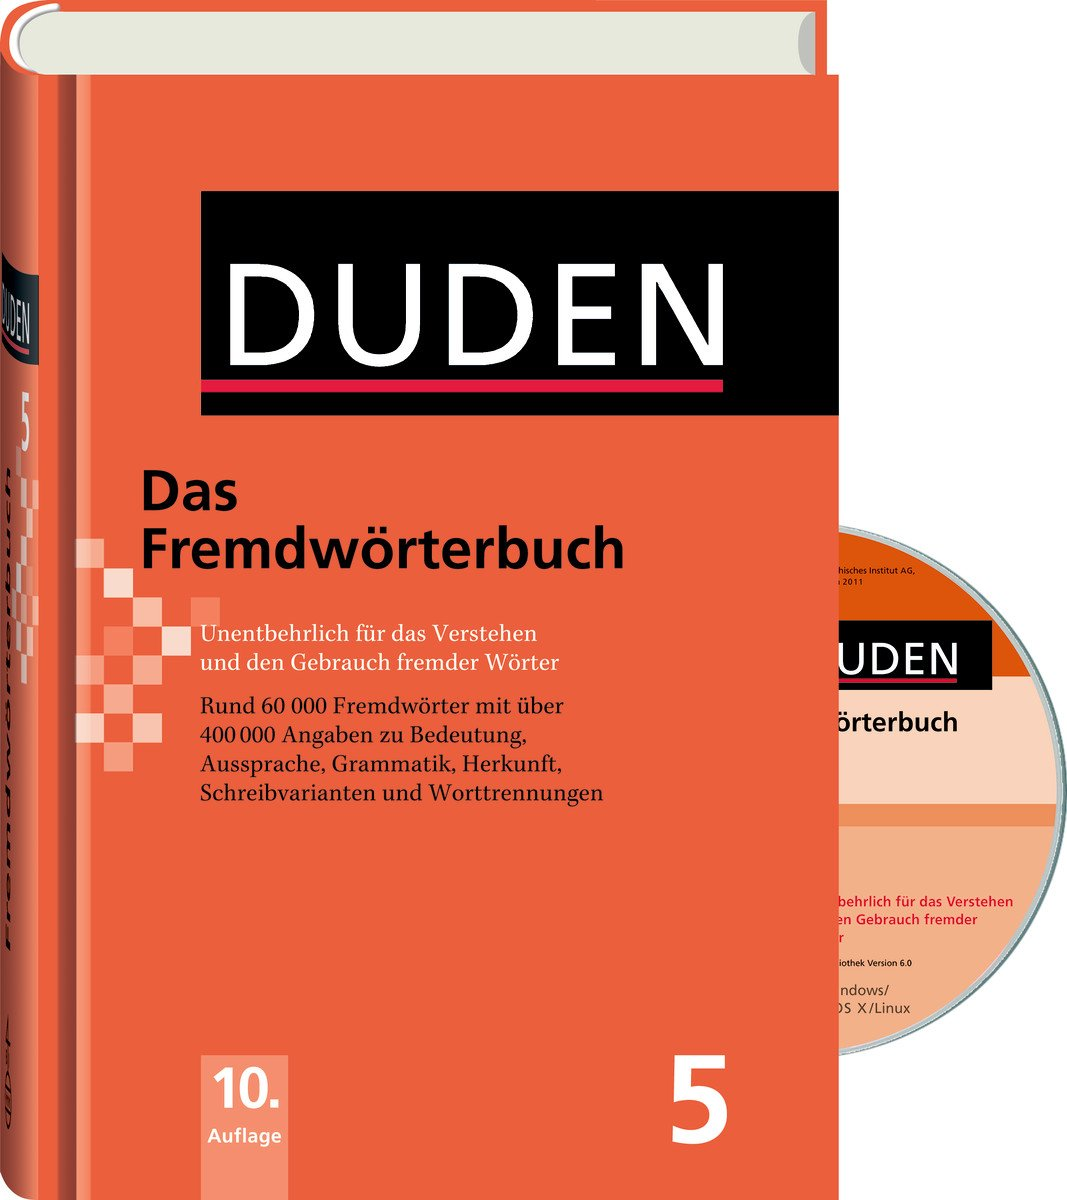 Duden: Fremdwörterbuch - Buch plus CD: Unentbehrlich für das Verstehen und den Gebrauch fremder Wörter (Duden - Deutsche Sprache in 12 Bänden)